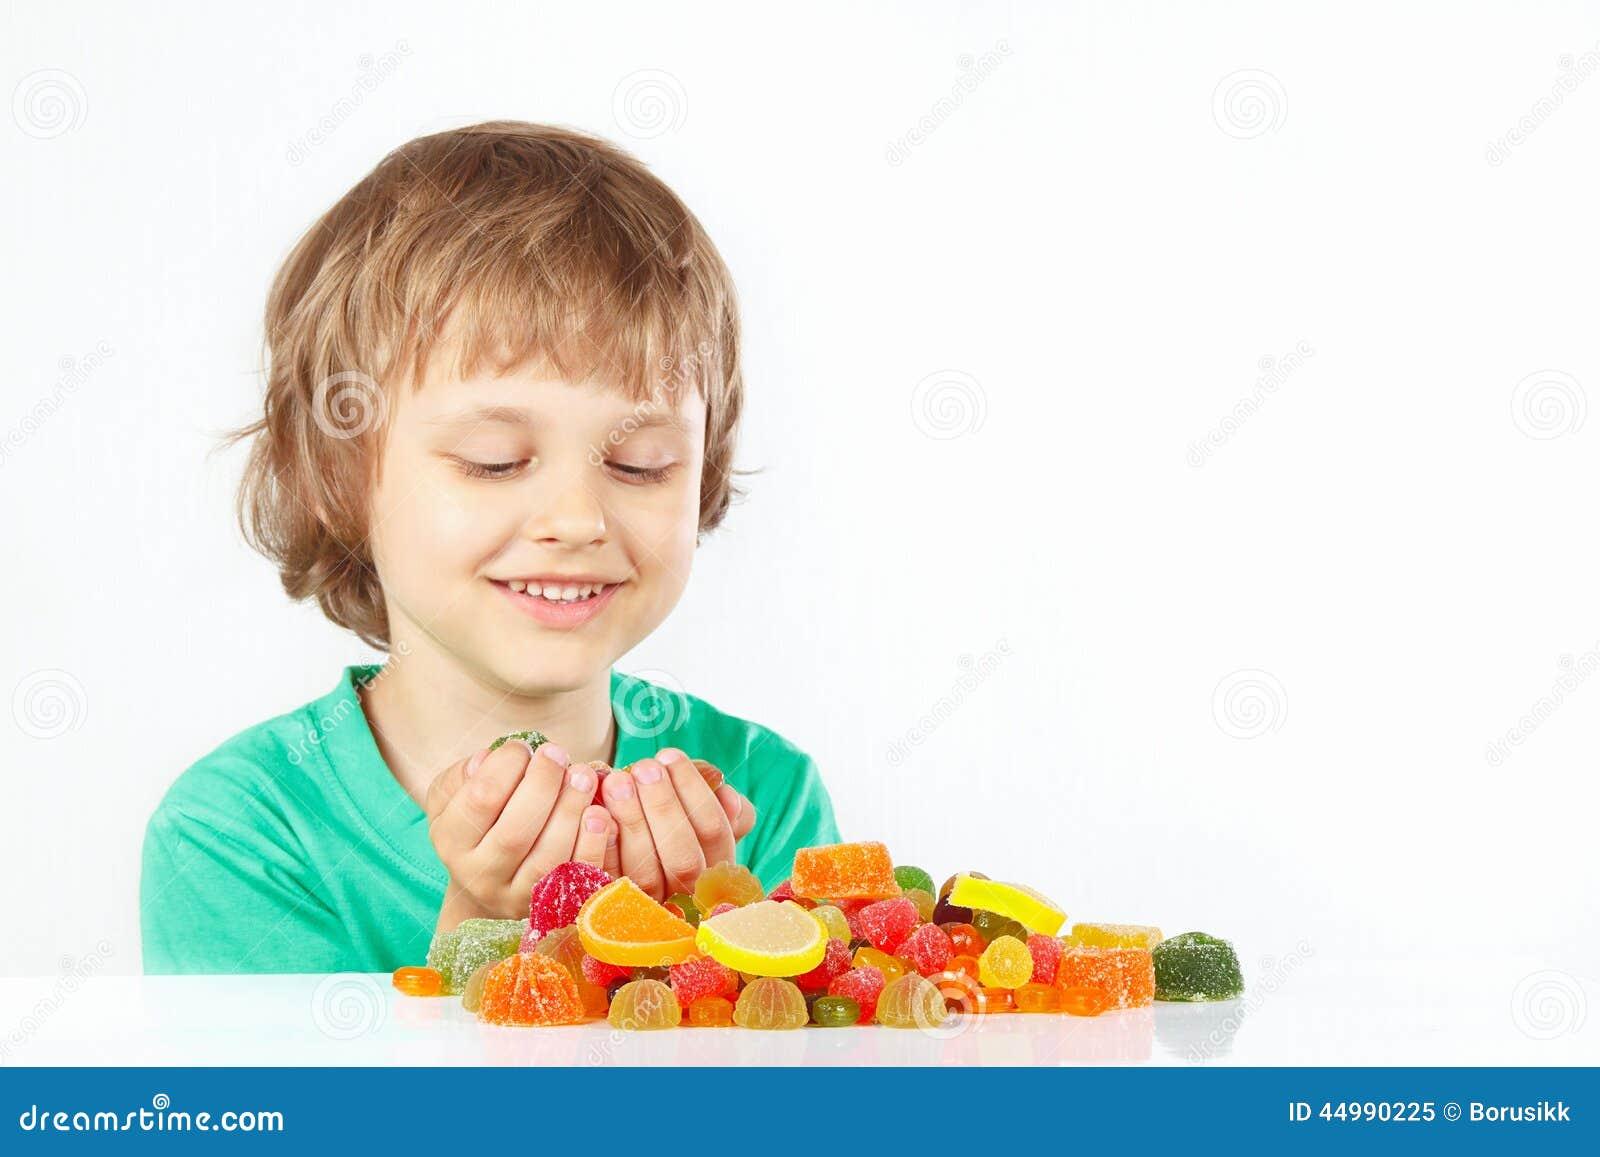 Χαμογελώντας αγόρι με τα χρωματισμένες γλυκά και τις καραμέλες ζελατίνας στο άσπρο υπόβαθρο